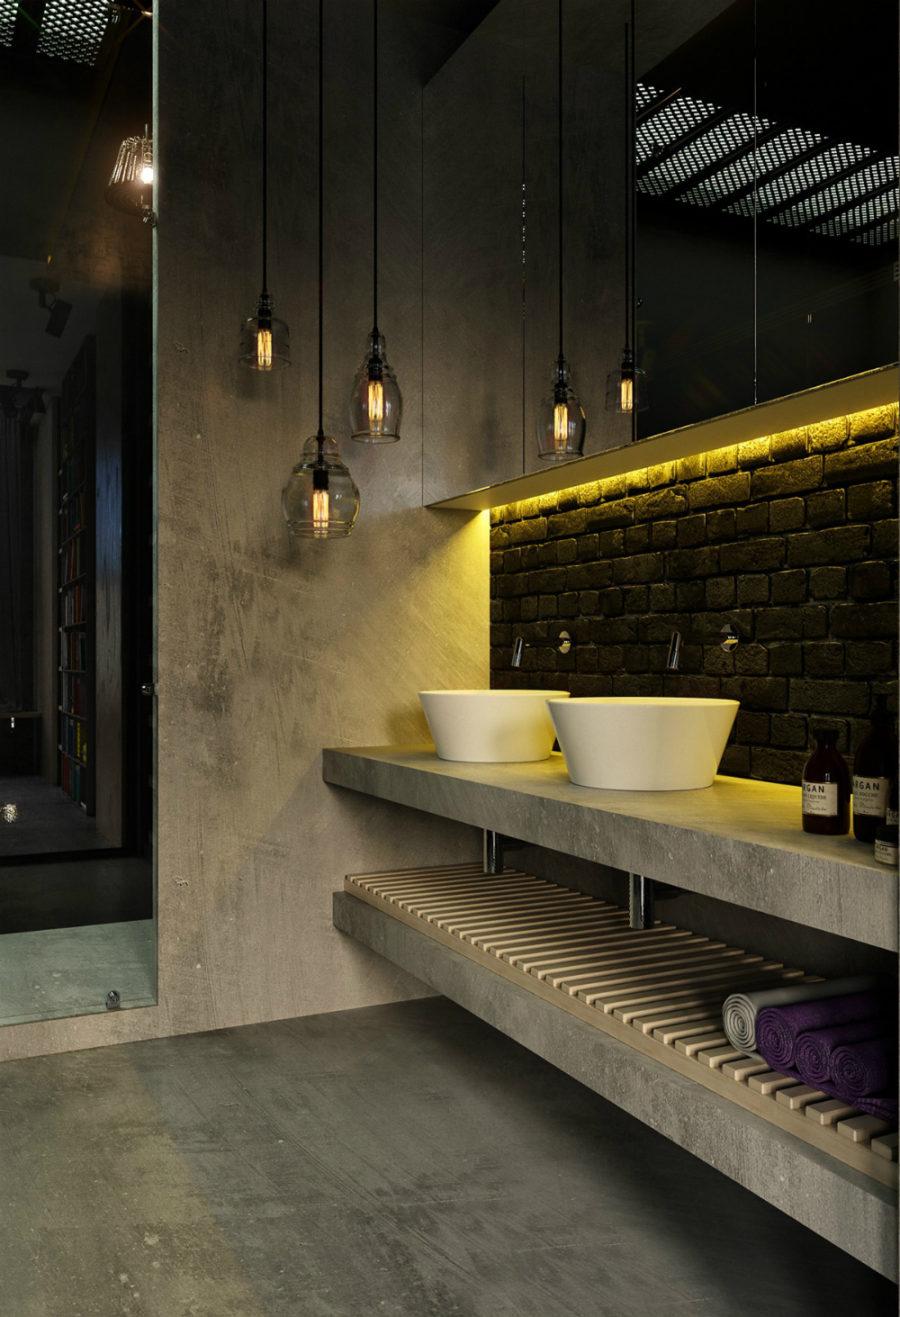 Industrial concrete bathroom